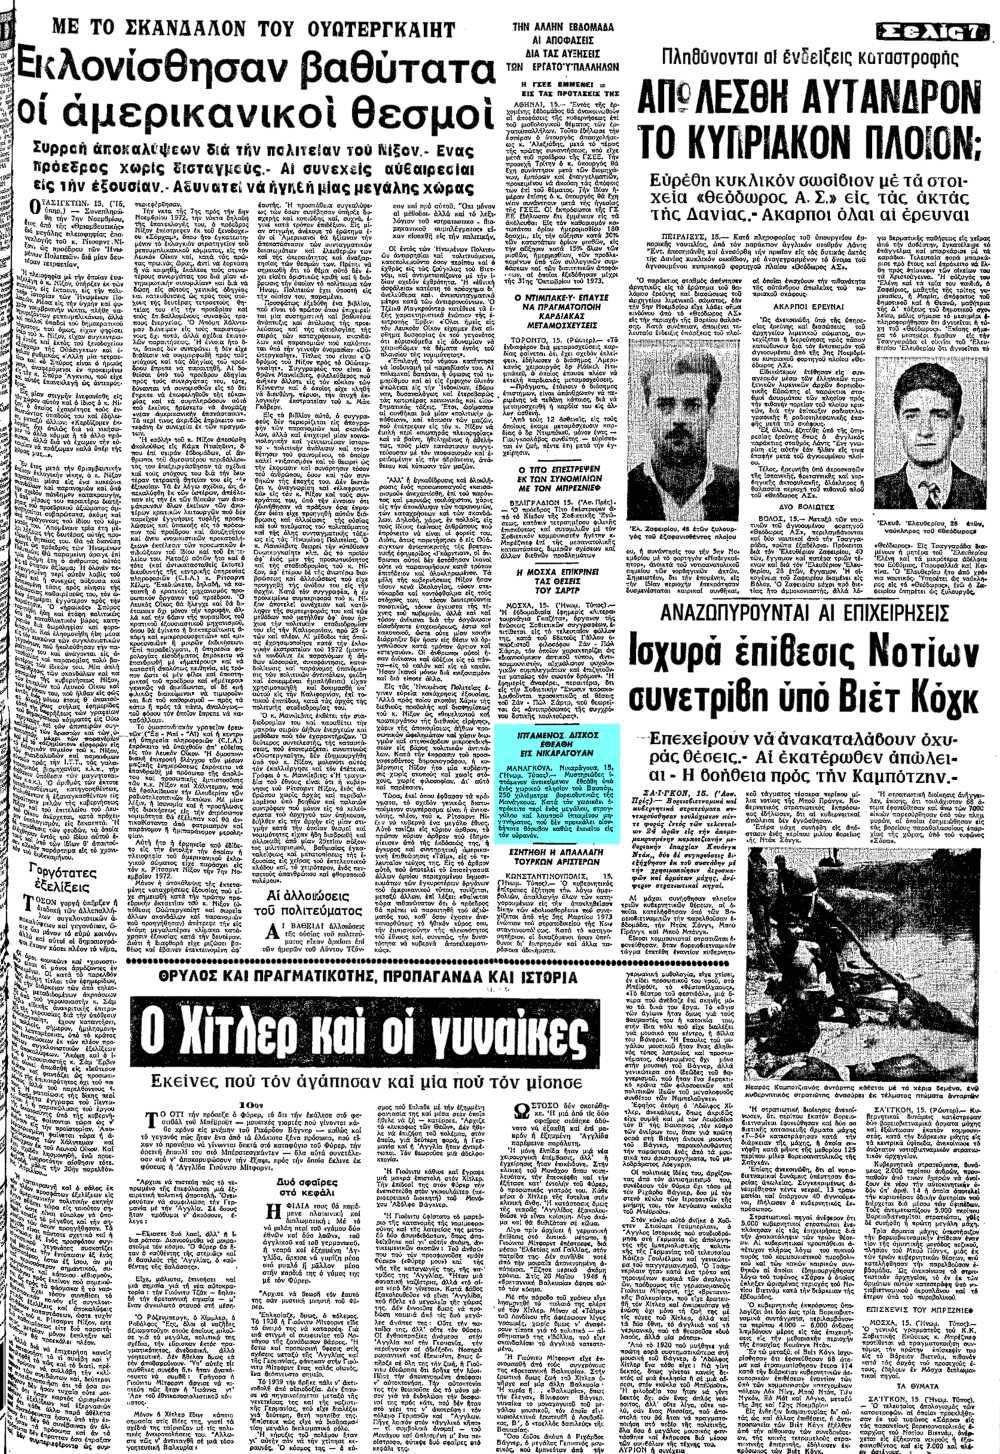 """Το άρθρο, όπως δημοσιεύθηκε στην εφημερίδα """"ΜΑΚΕΔΟΝΙΑ"""", στις 16/11/1973"""